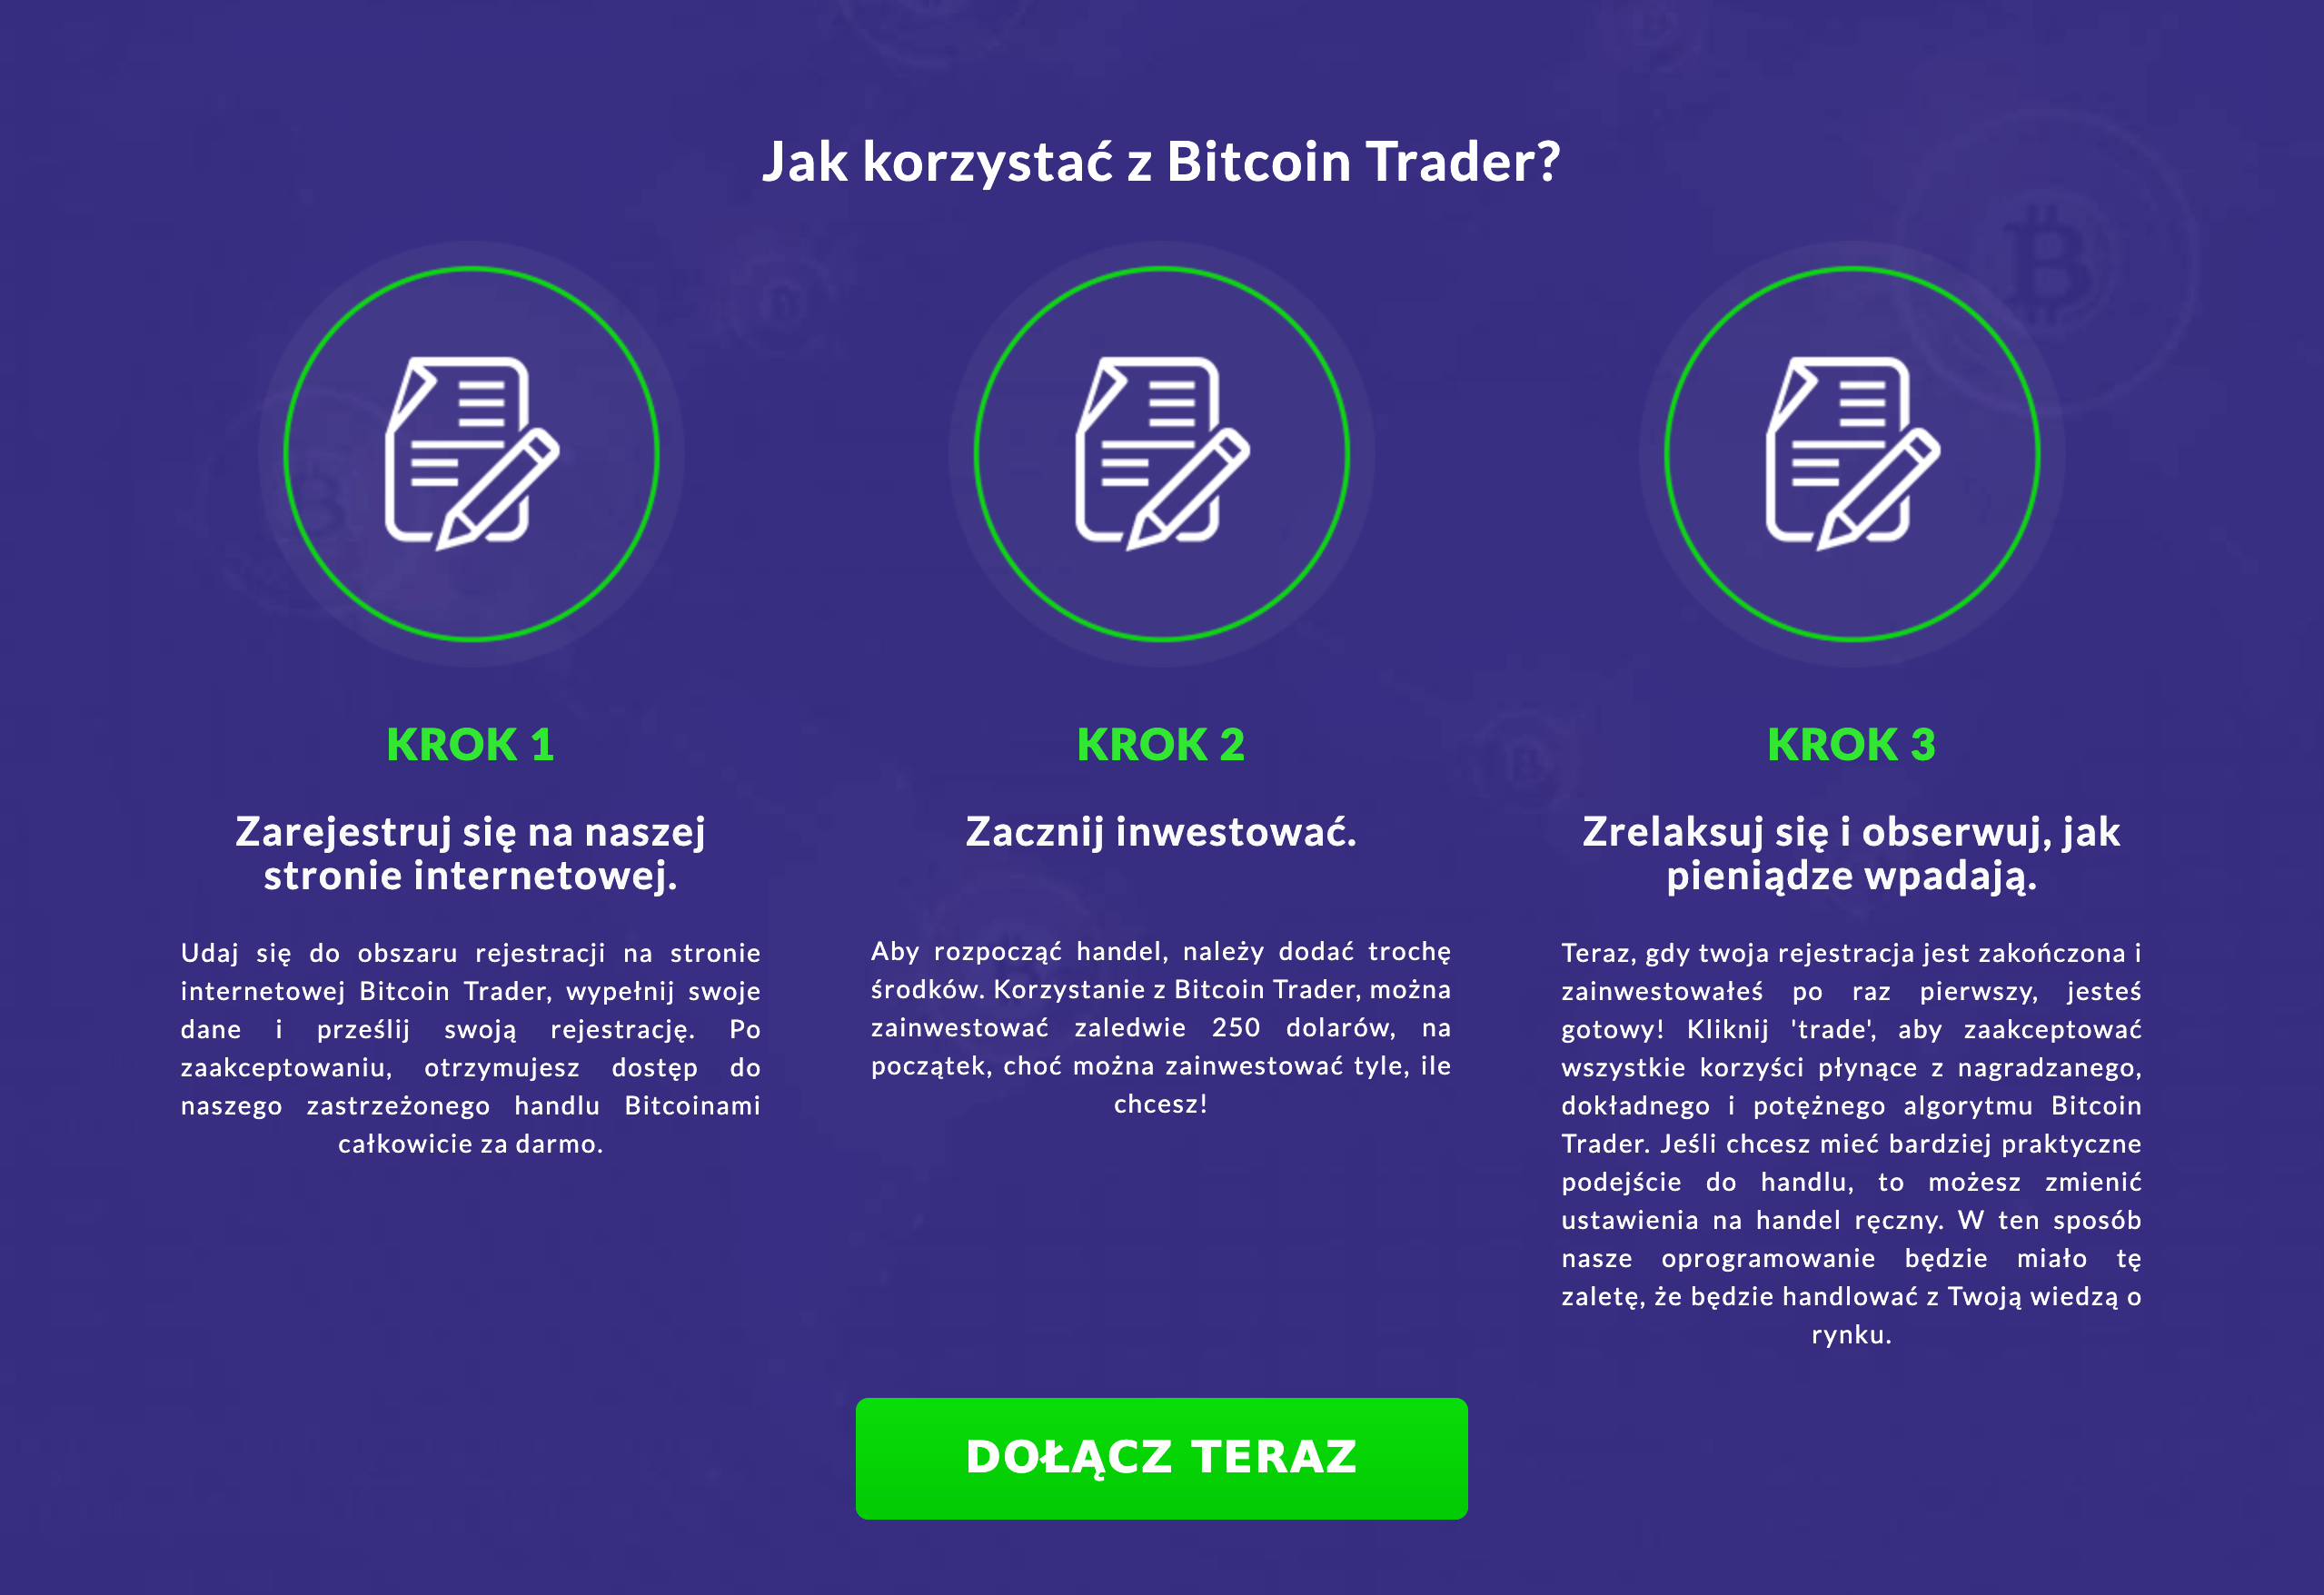 hae werkt bitcoin trader